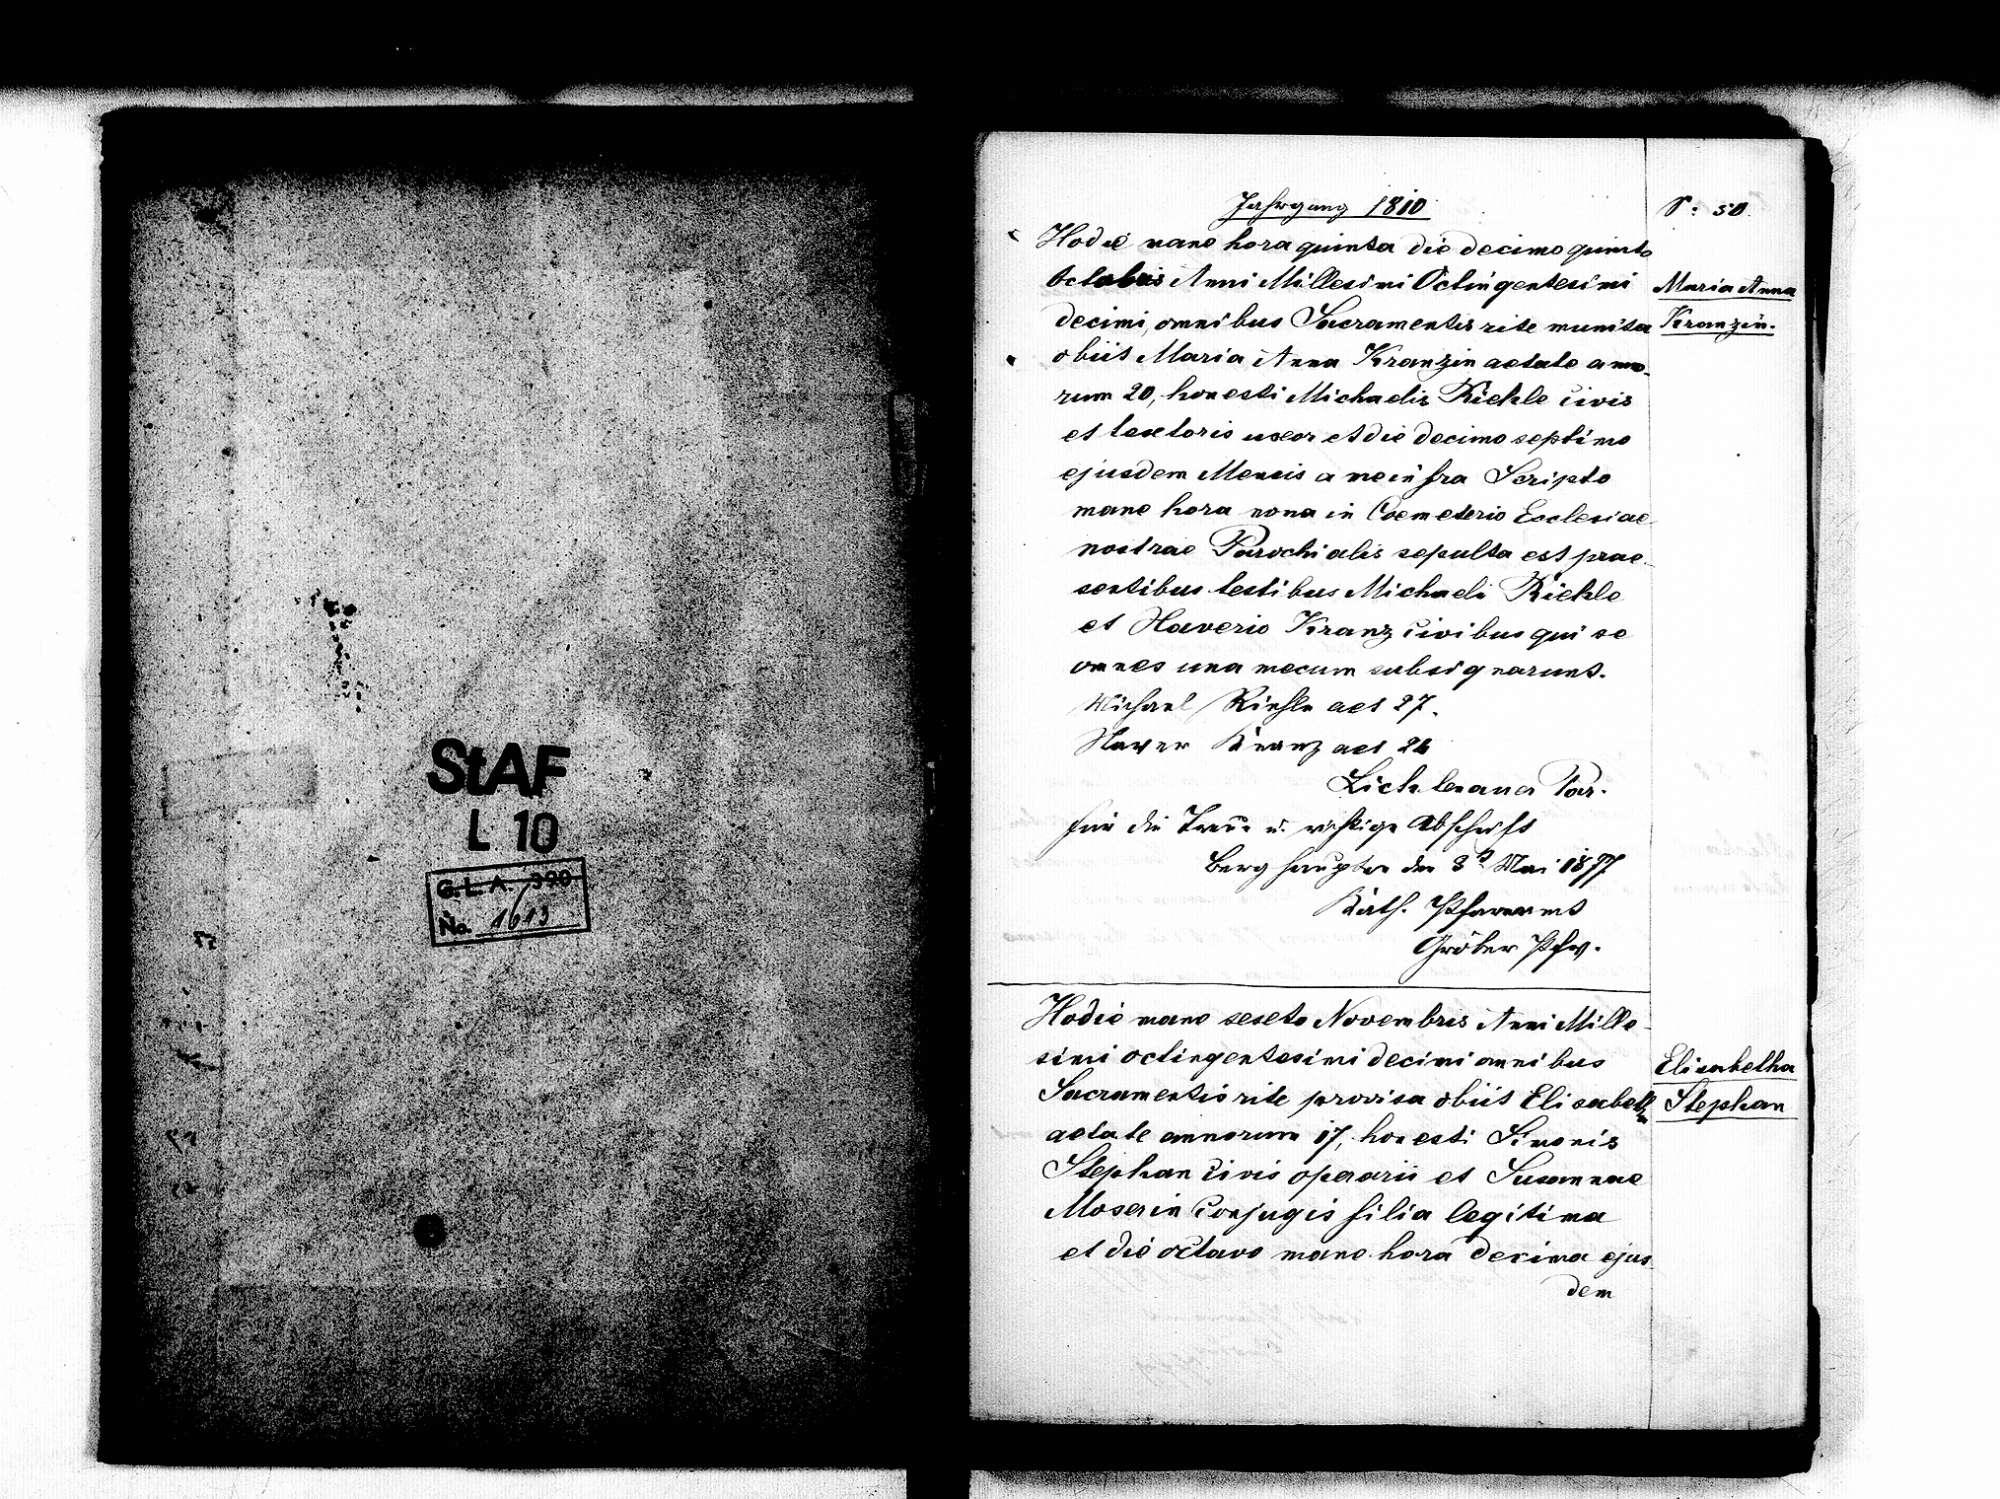 Berghaupten OG; Katholische Gemeinde: Standesbuch 1810-1812 Enthält: Einzelne Evangelische Einträge, Bild 3